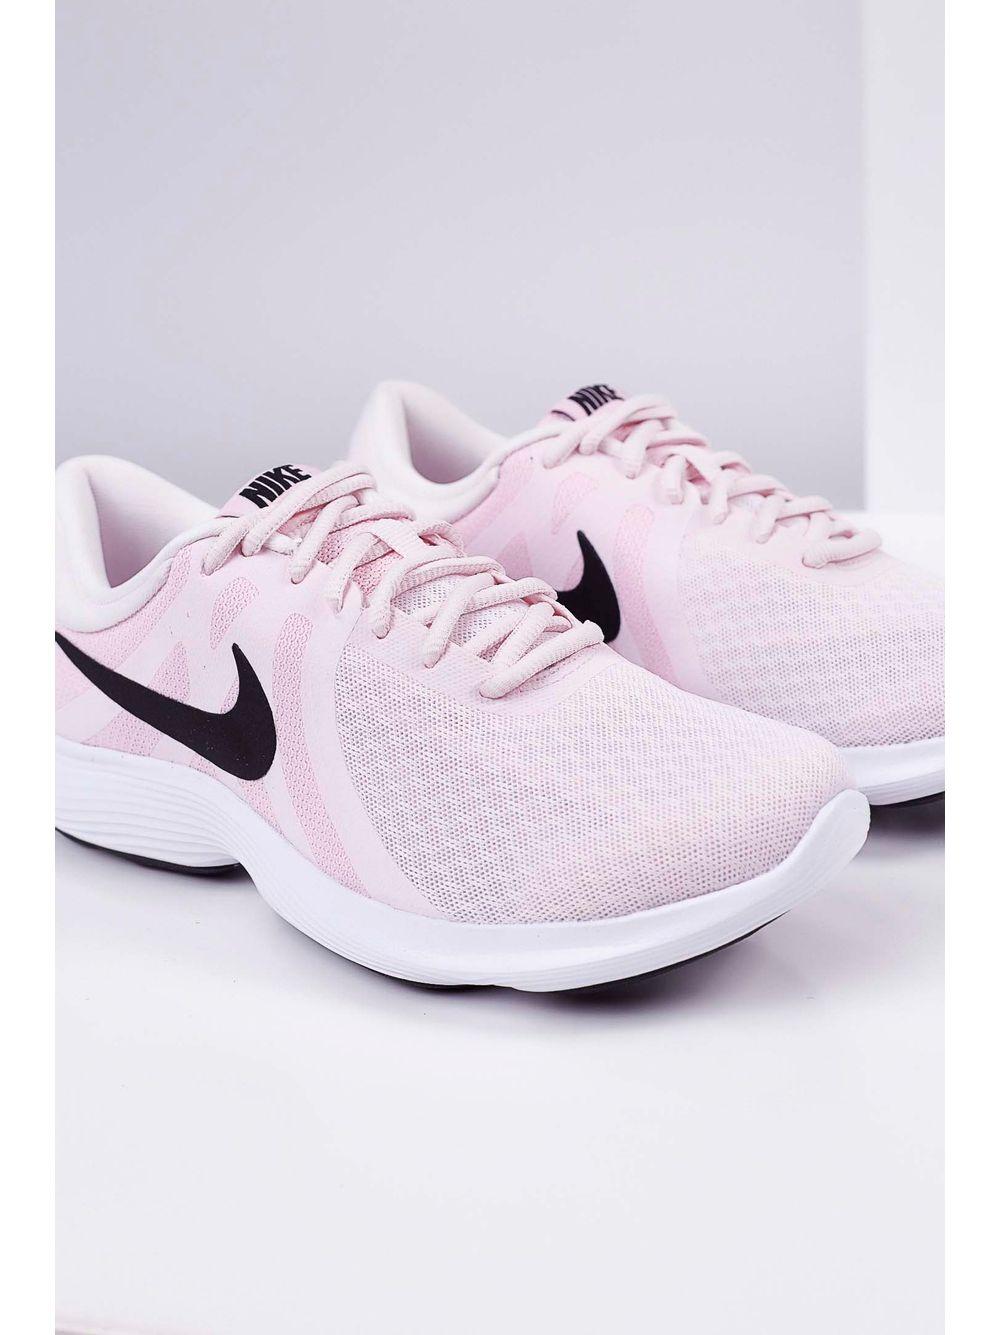 Tênis Nike Revolution 4 Rosa - pittol 090cbb375a377